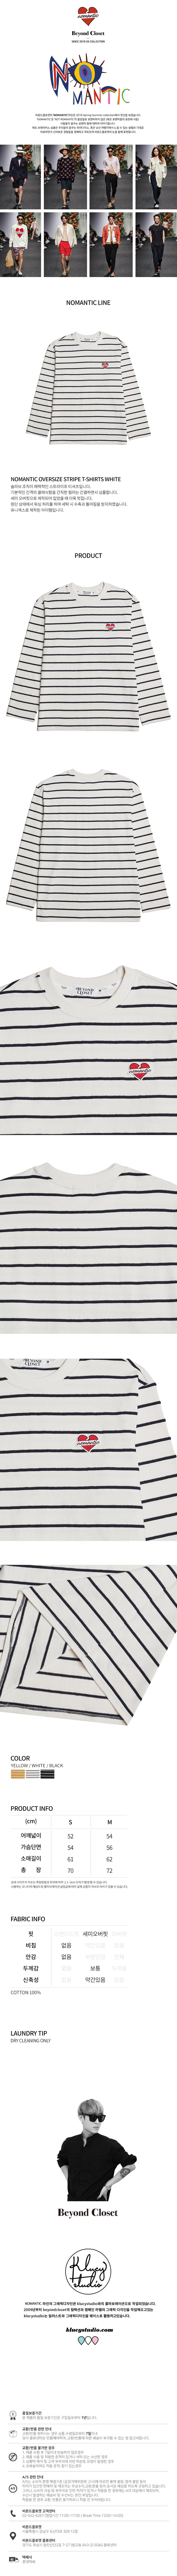 비욘드클로젯(BEYOND CLOSET) 노맨틱 오버사이즈 스트라이프 티셔츠 화이트